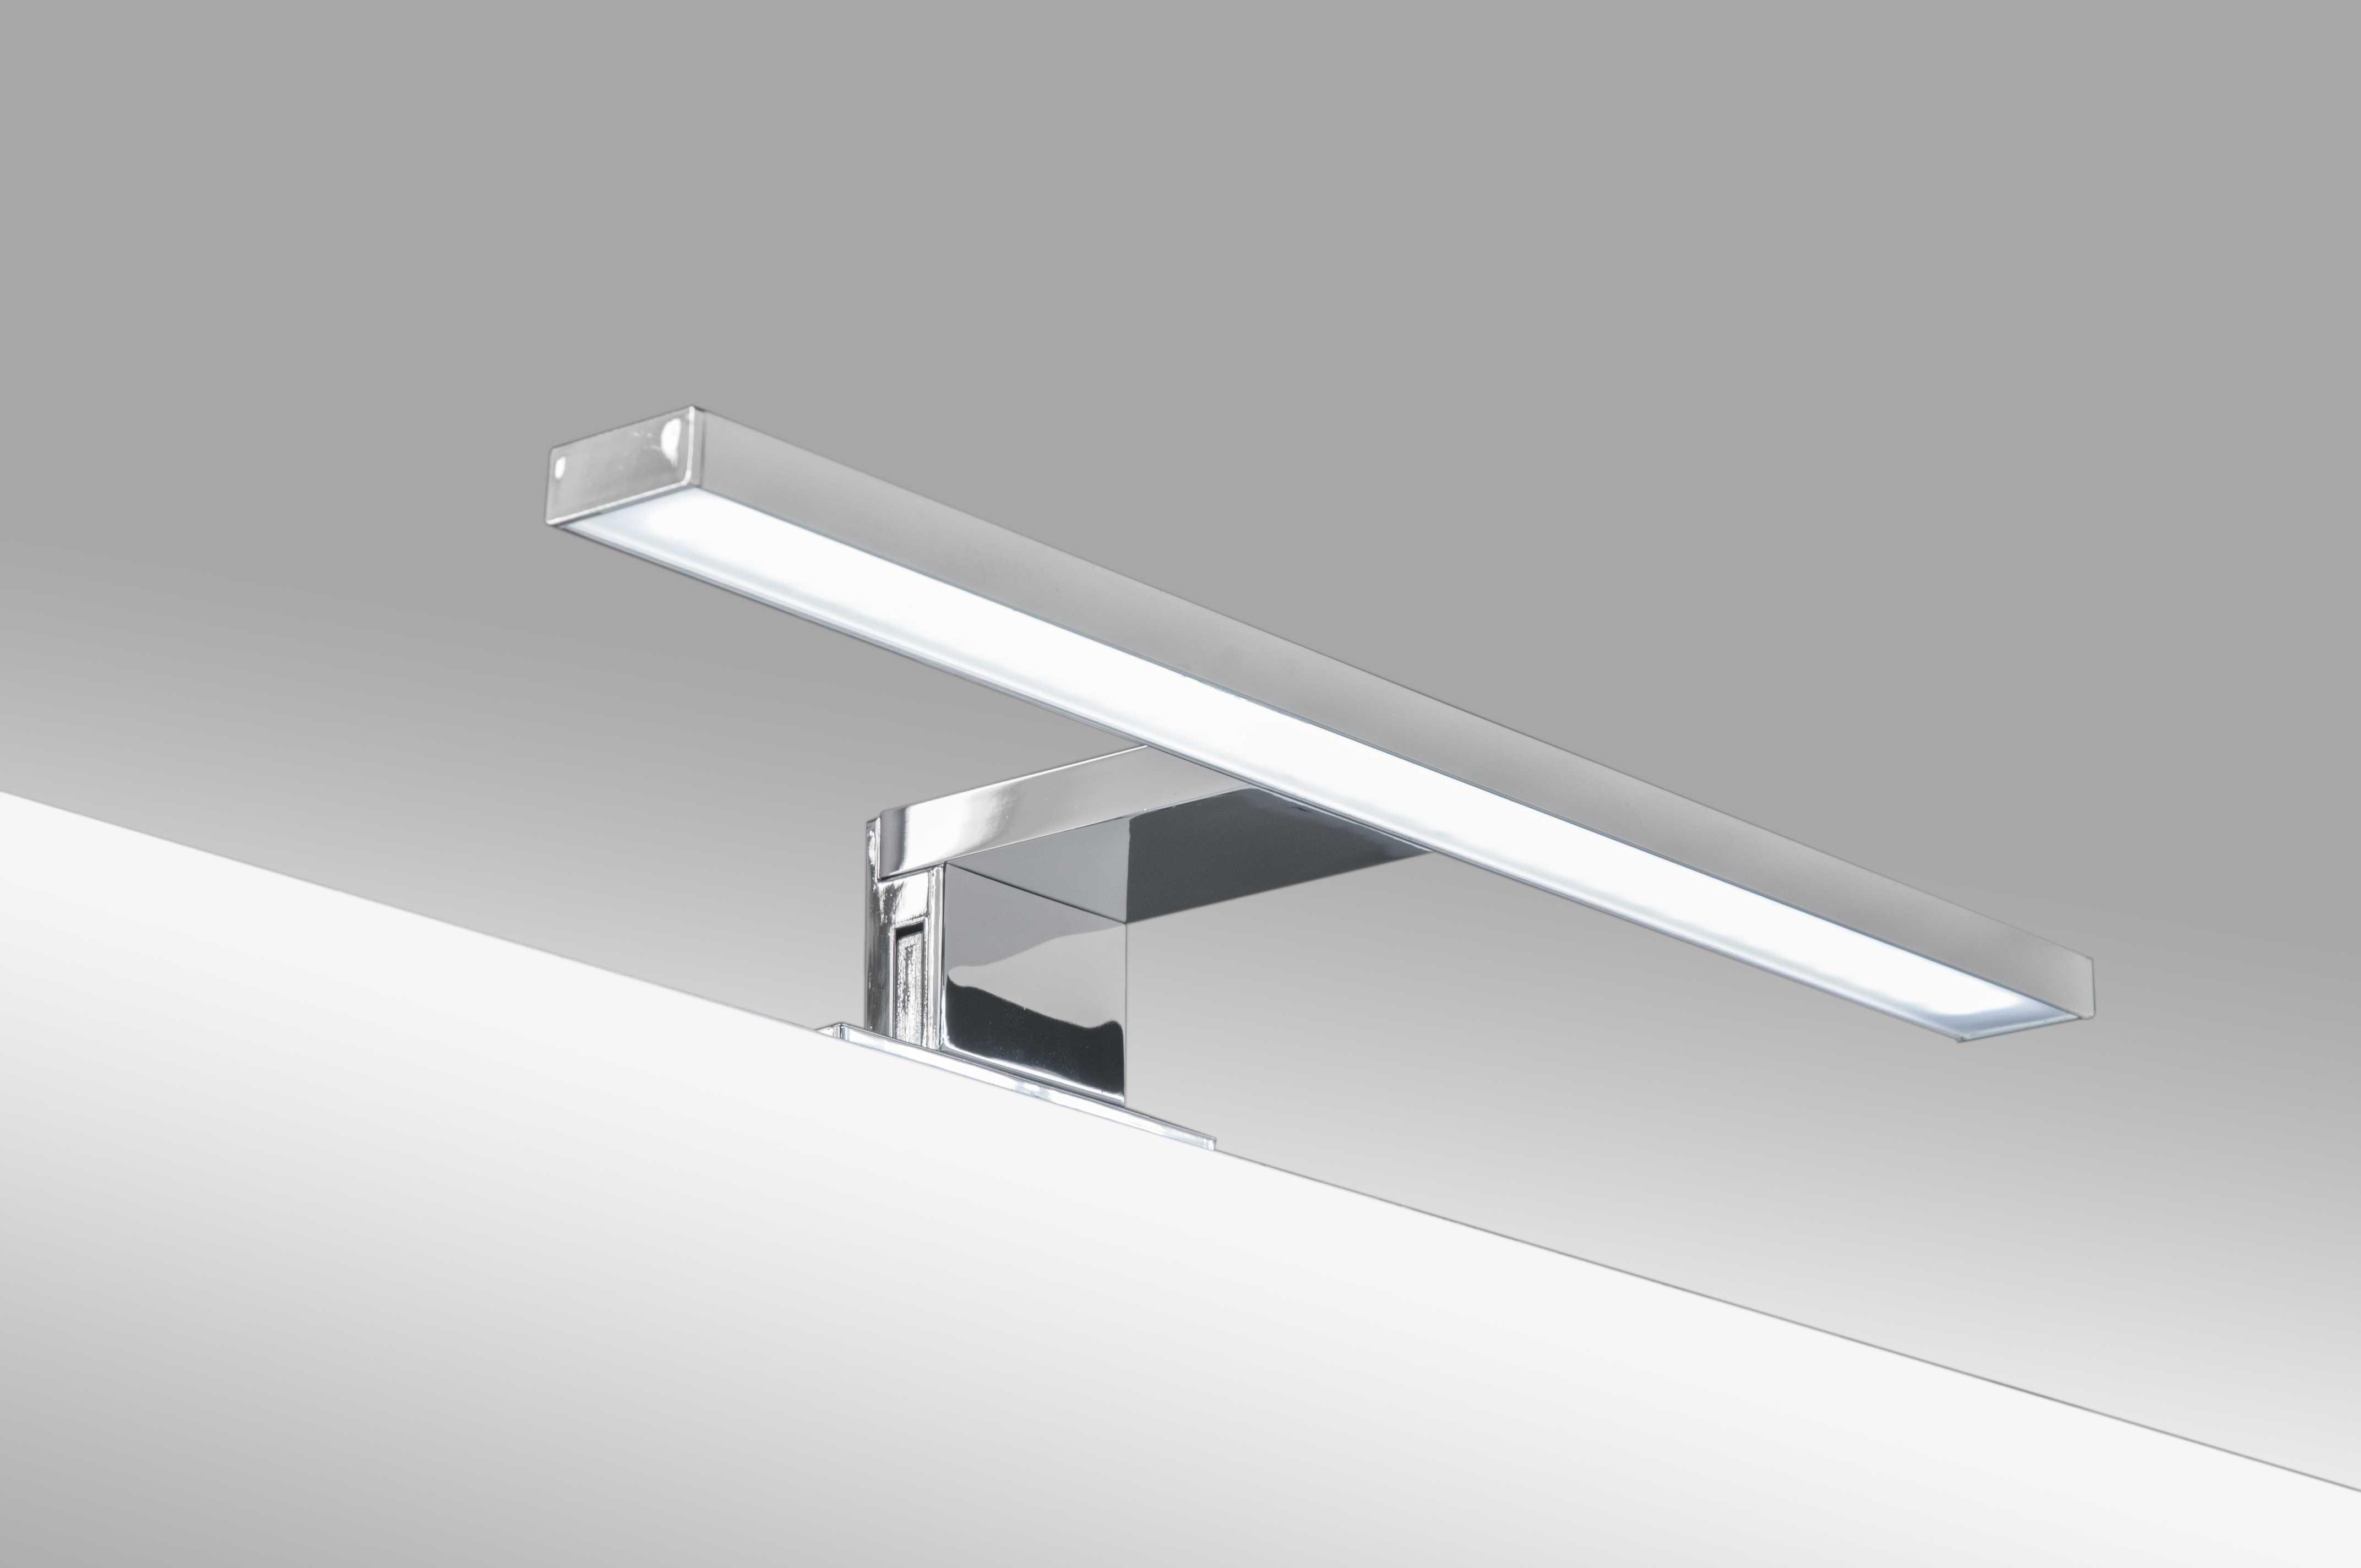 Specchio bagno 60x70 led specchiera bagno lampada led - Specchio con luce per bagno ...